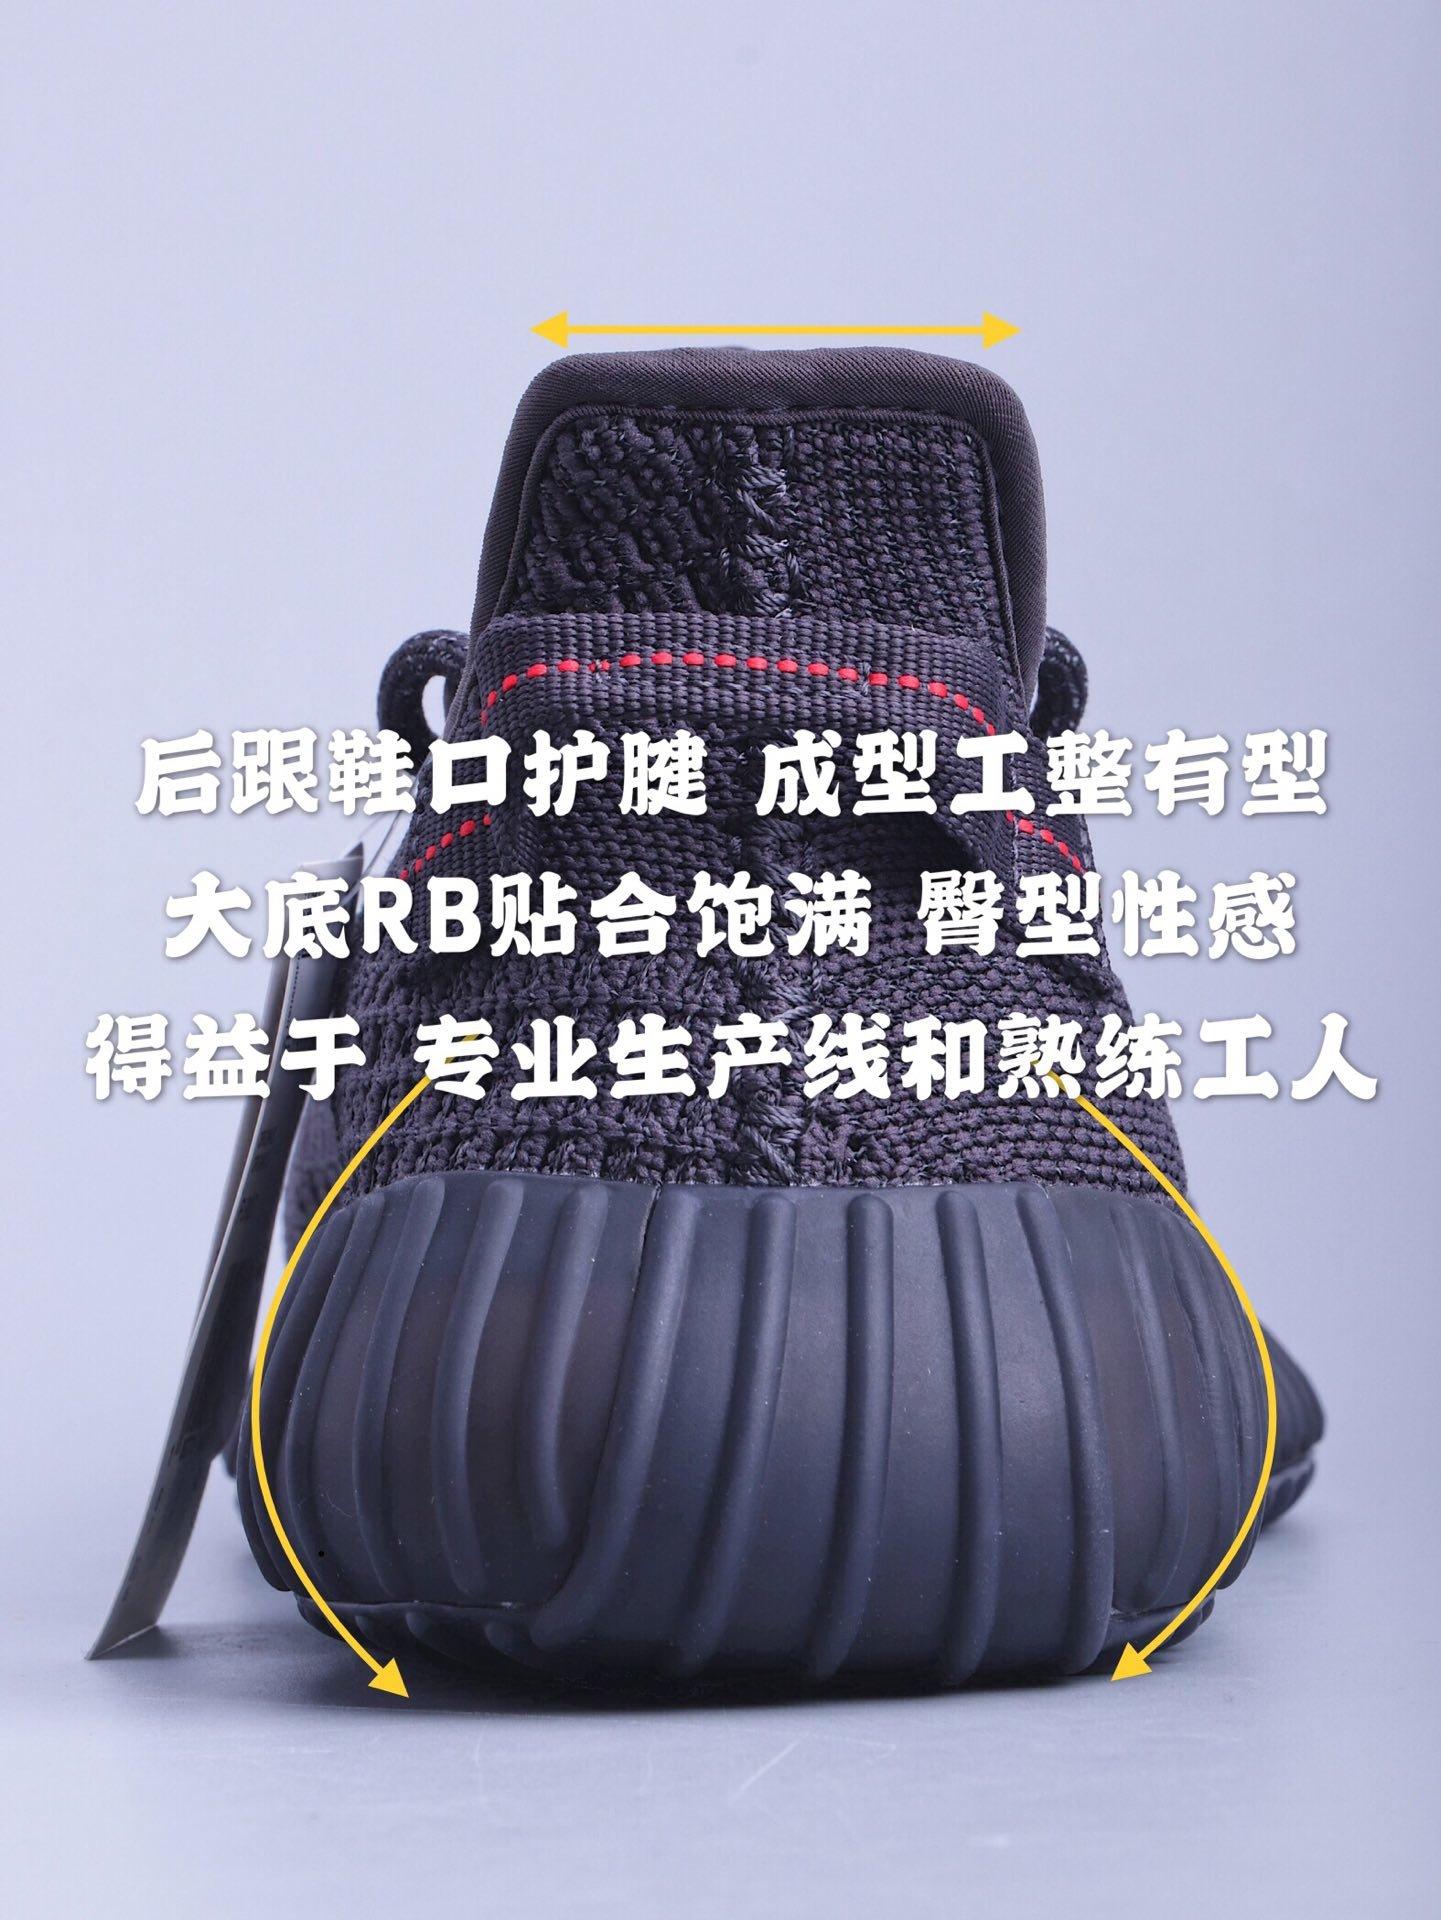 """椰子GT版-YEEZY BOOST 350 V2 """"黑满天星""""FU9007#GT纯原细节图解"""